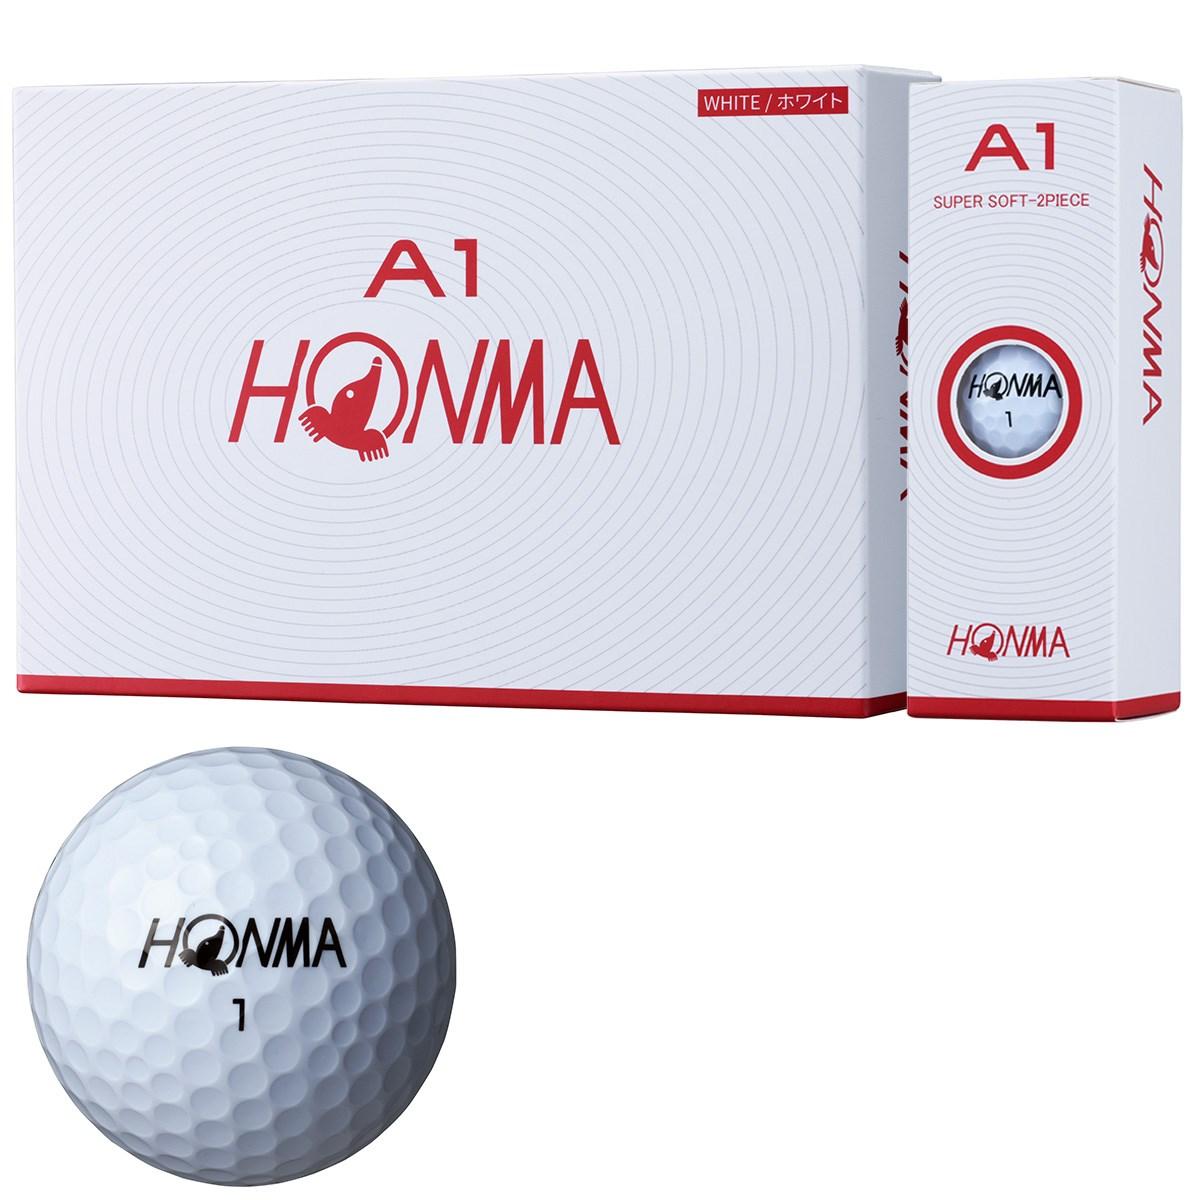 本間ゴルフ HONMA A1 ボール 3ダースセット 3ダース(36個入り) ホワイト